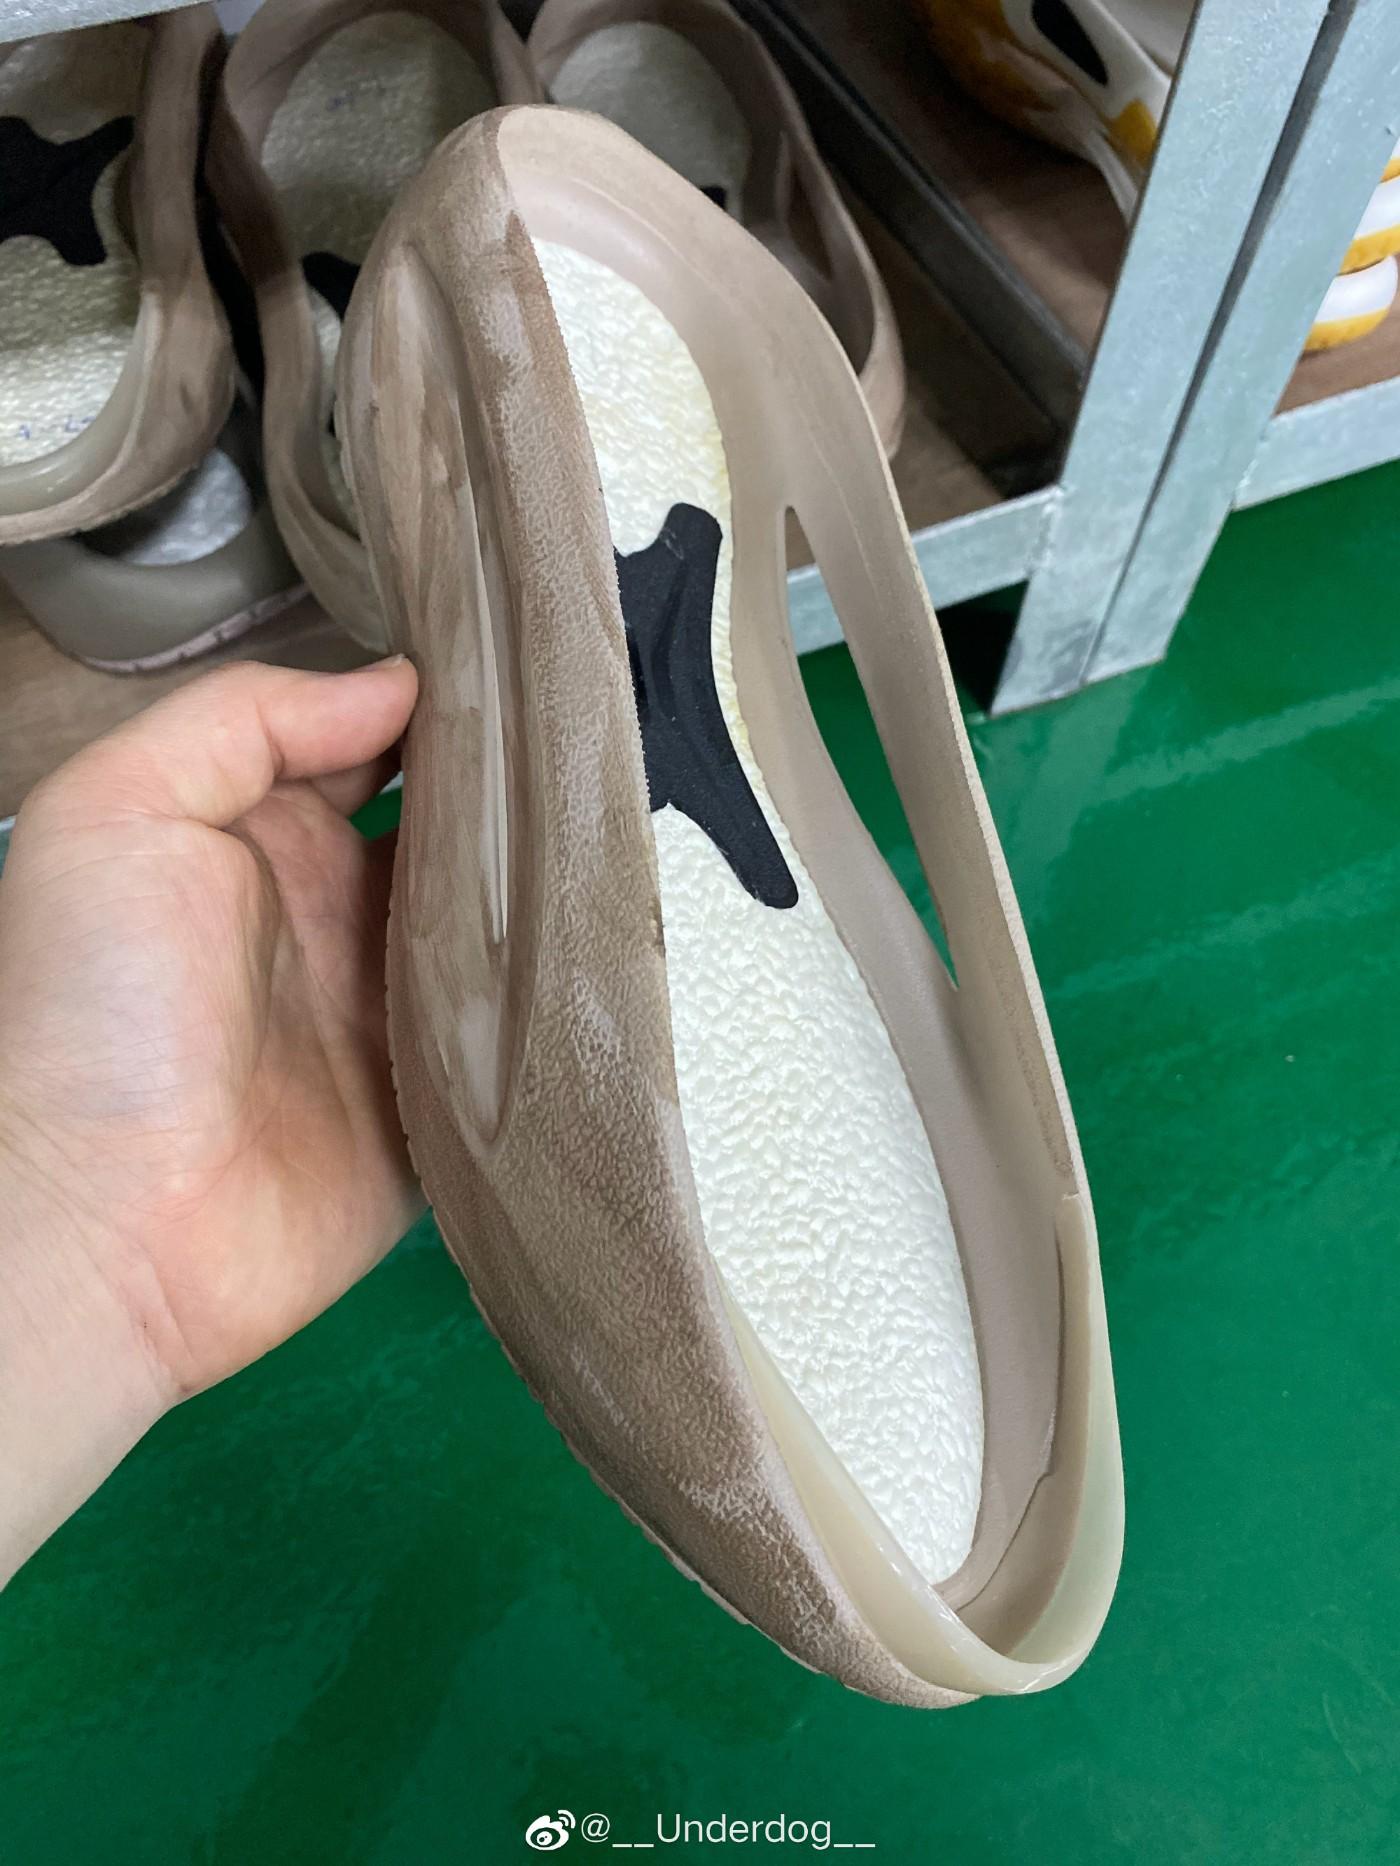 李宁,云游,发售  内置全掌䨻!李宁「小鸡鞋」刚刚上架!一看脚感就超爽!